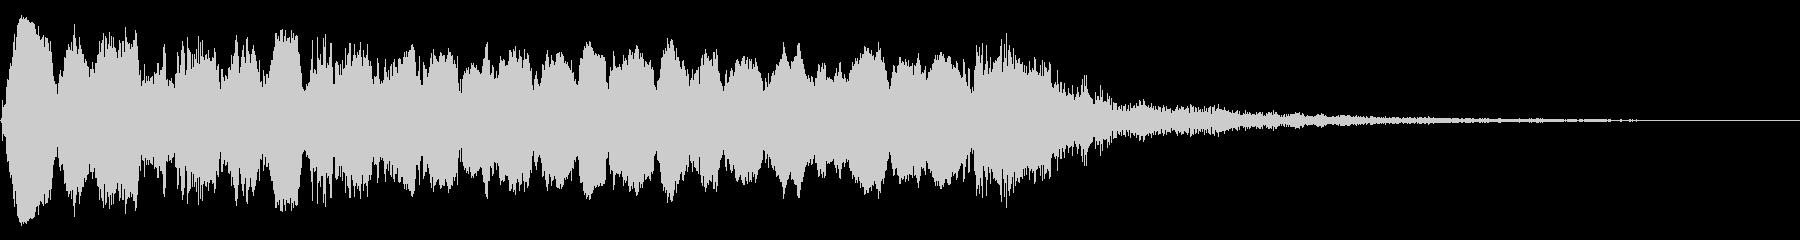 荒々しい トランペット リバーブの未再生の波形